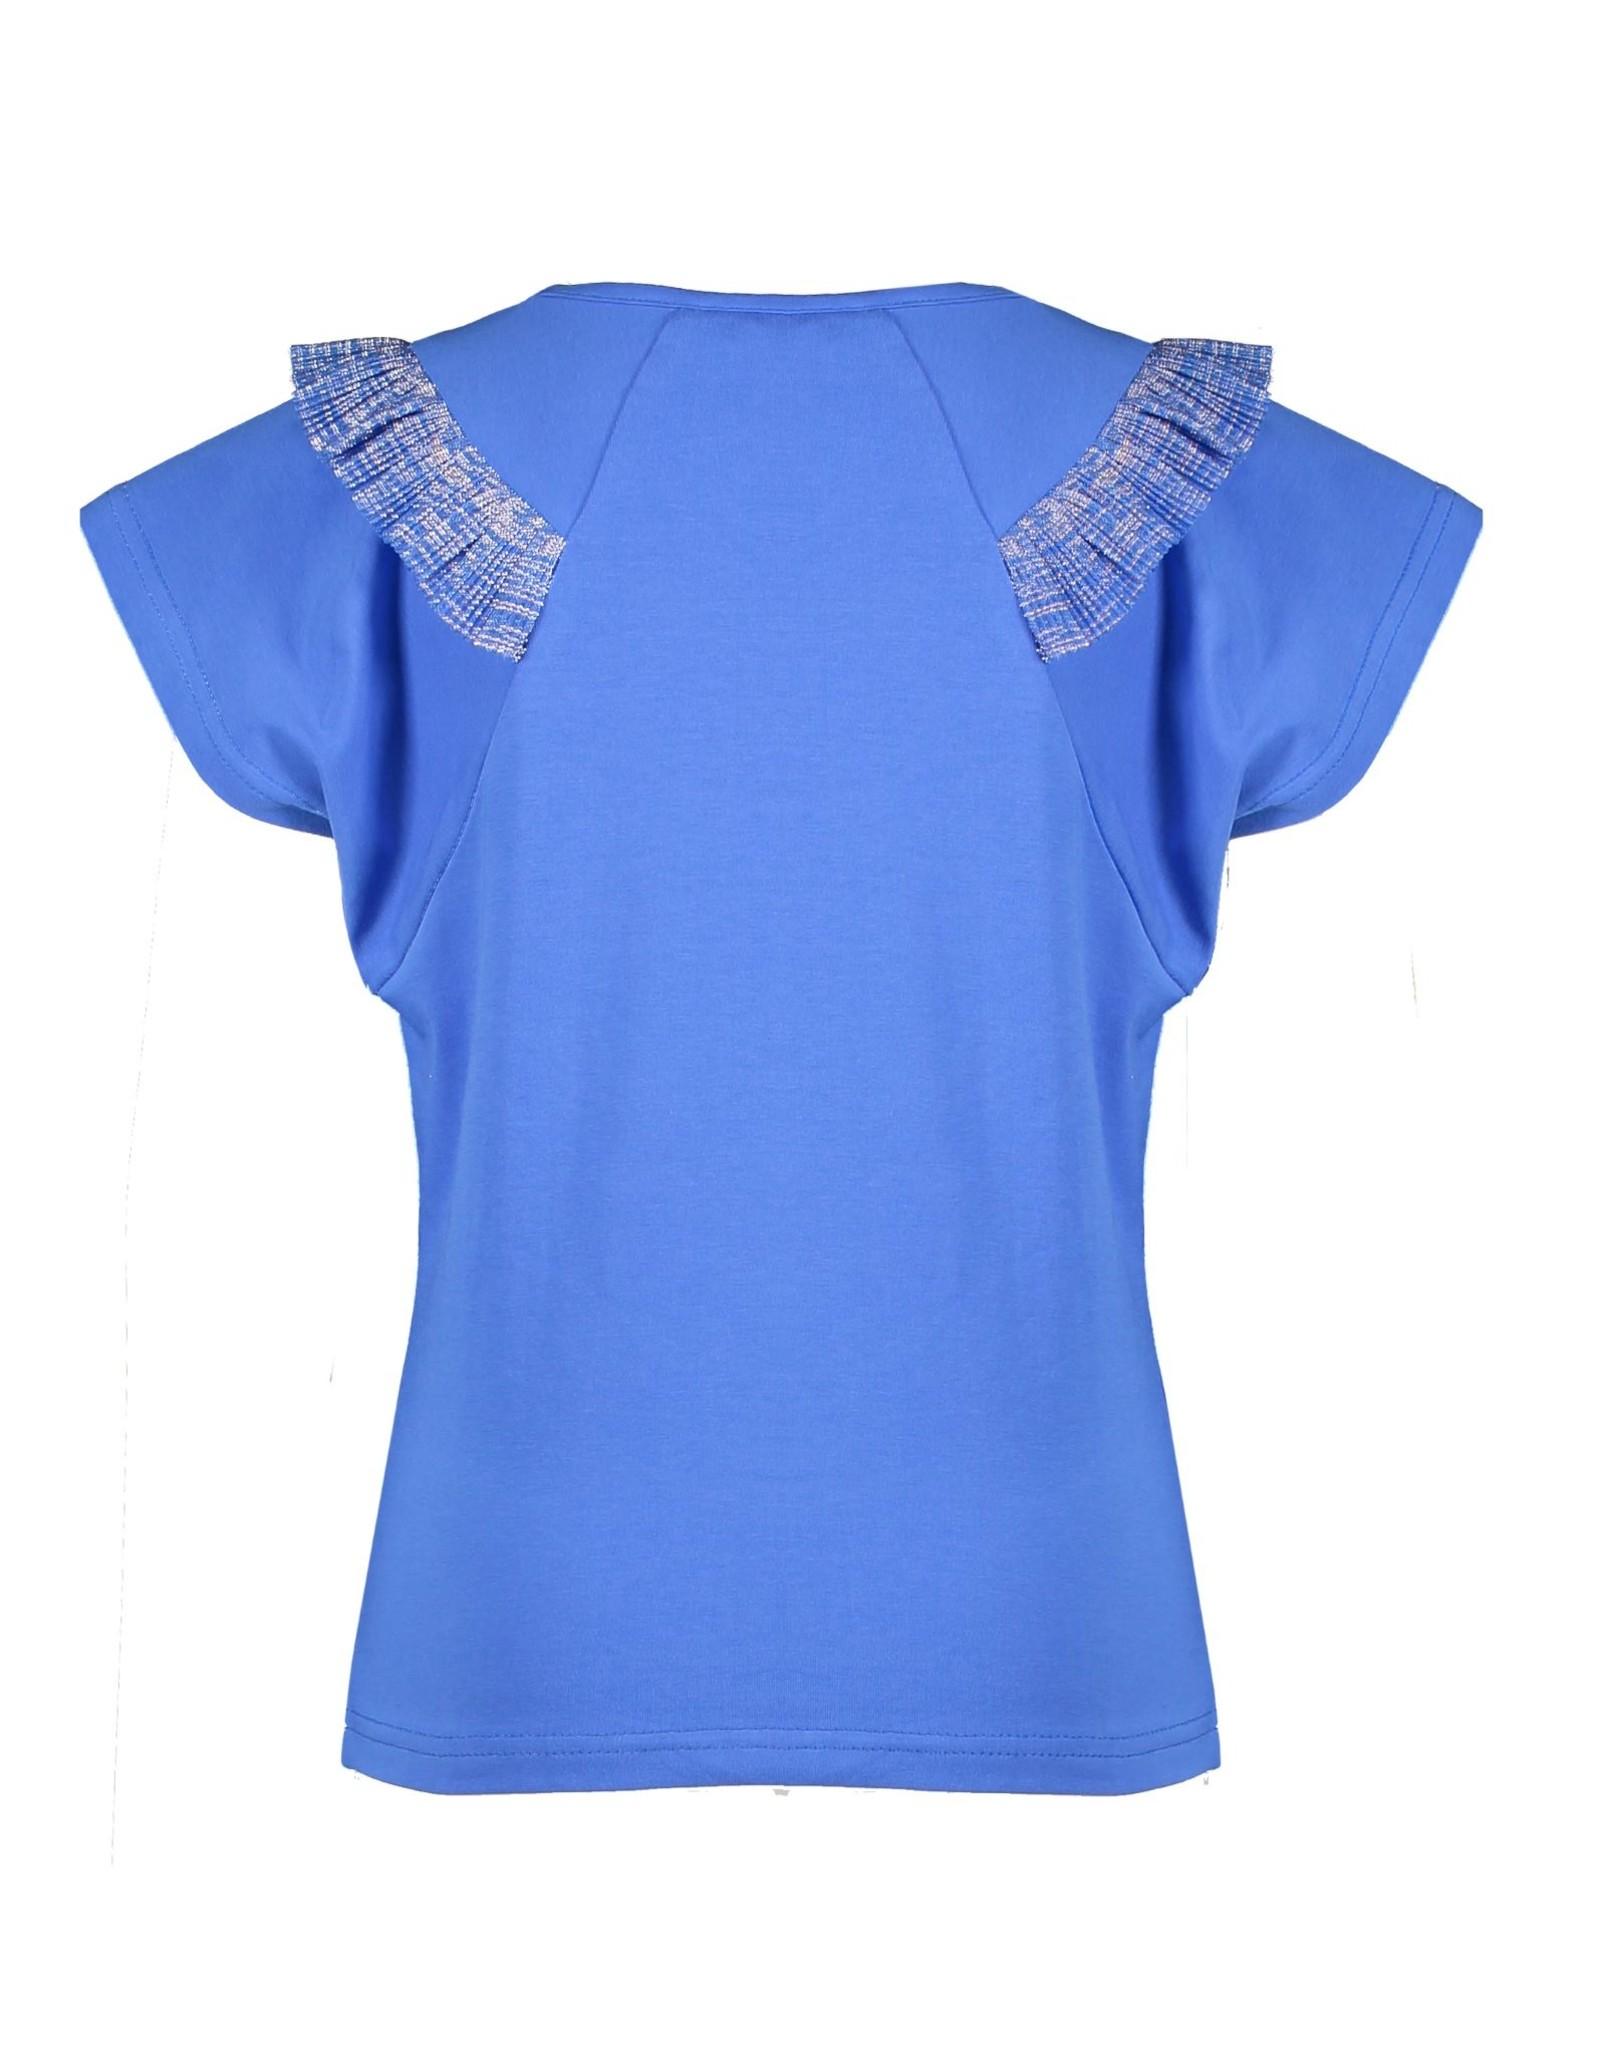 NONO NONO shirt 5402 light porcelaine